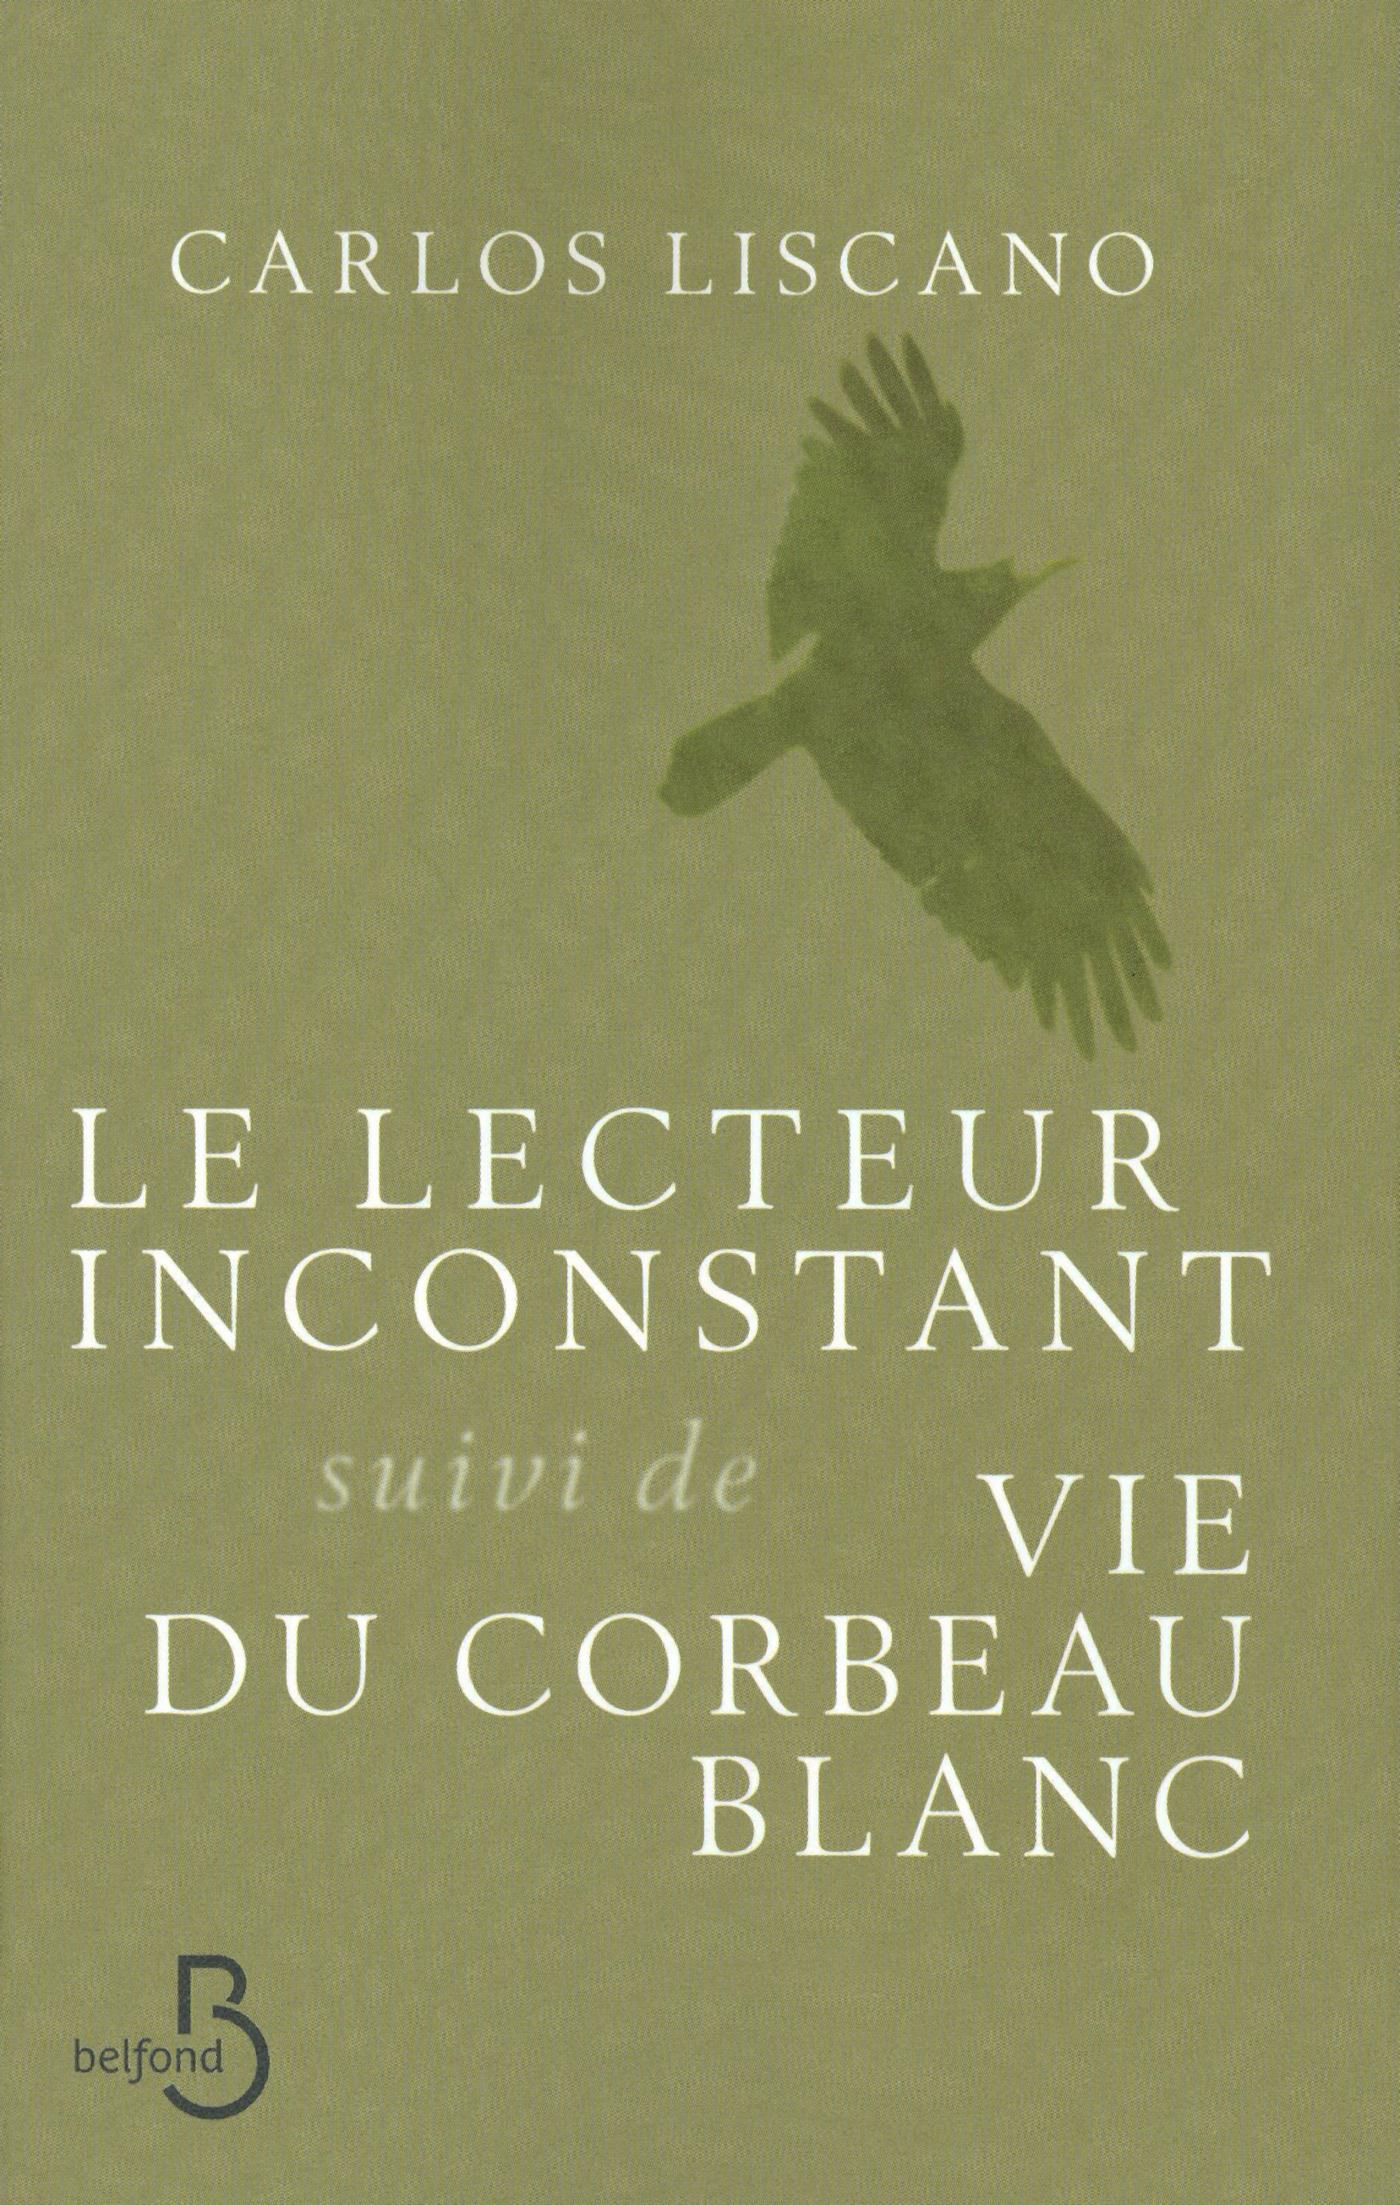 Le Lecteur inconstant suivi de Vie du corbeau blanc (ebook)